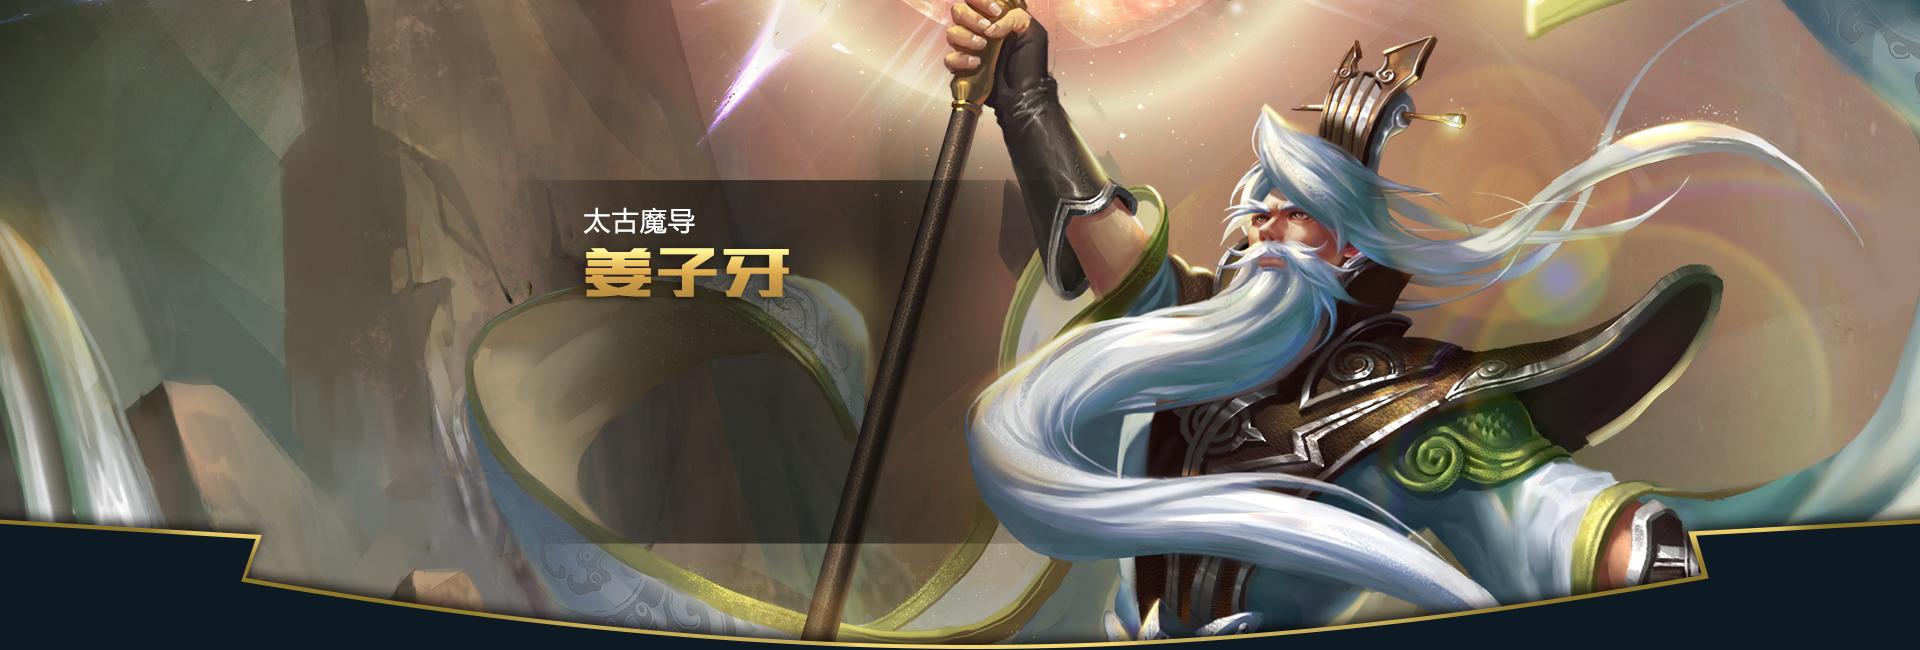 第2弹《王者荣耀英雄皮肤CG》竞技游戏92